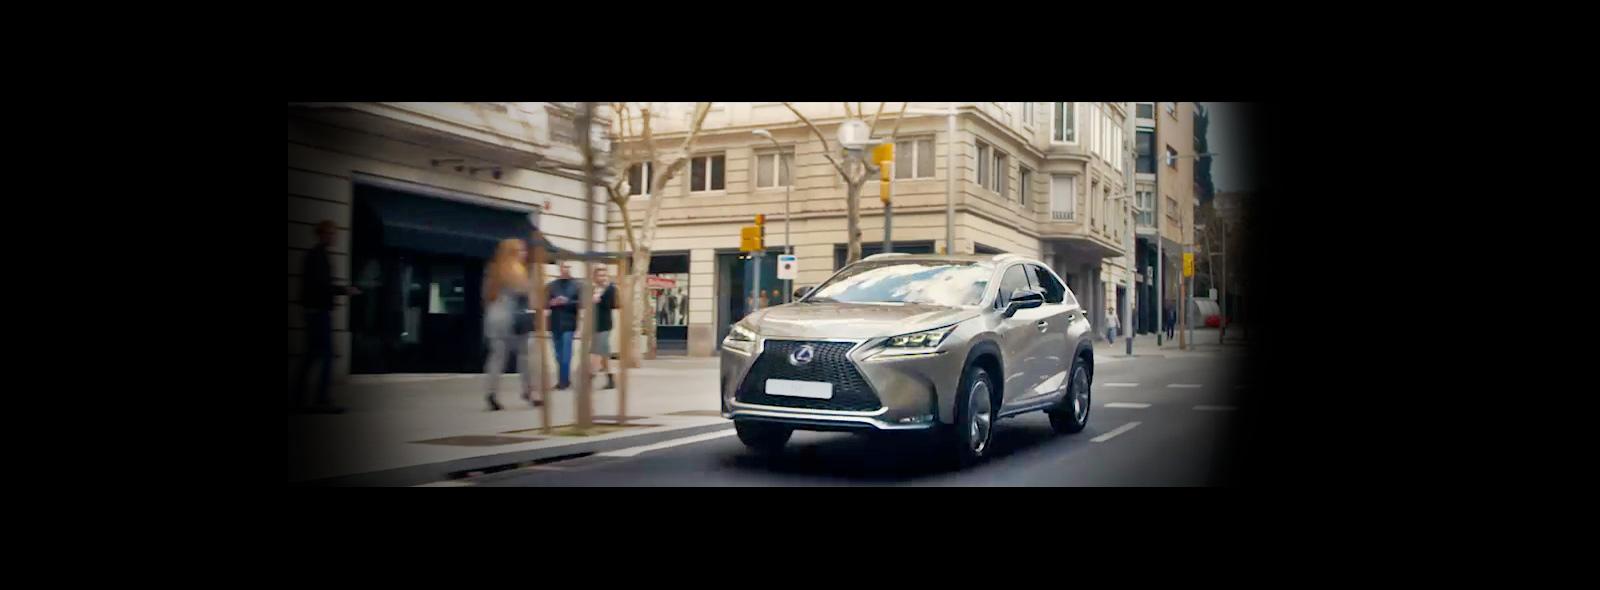 NX Hybrid ICON colore sonic titanium percorre una strada urbana